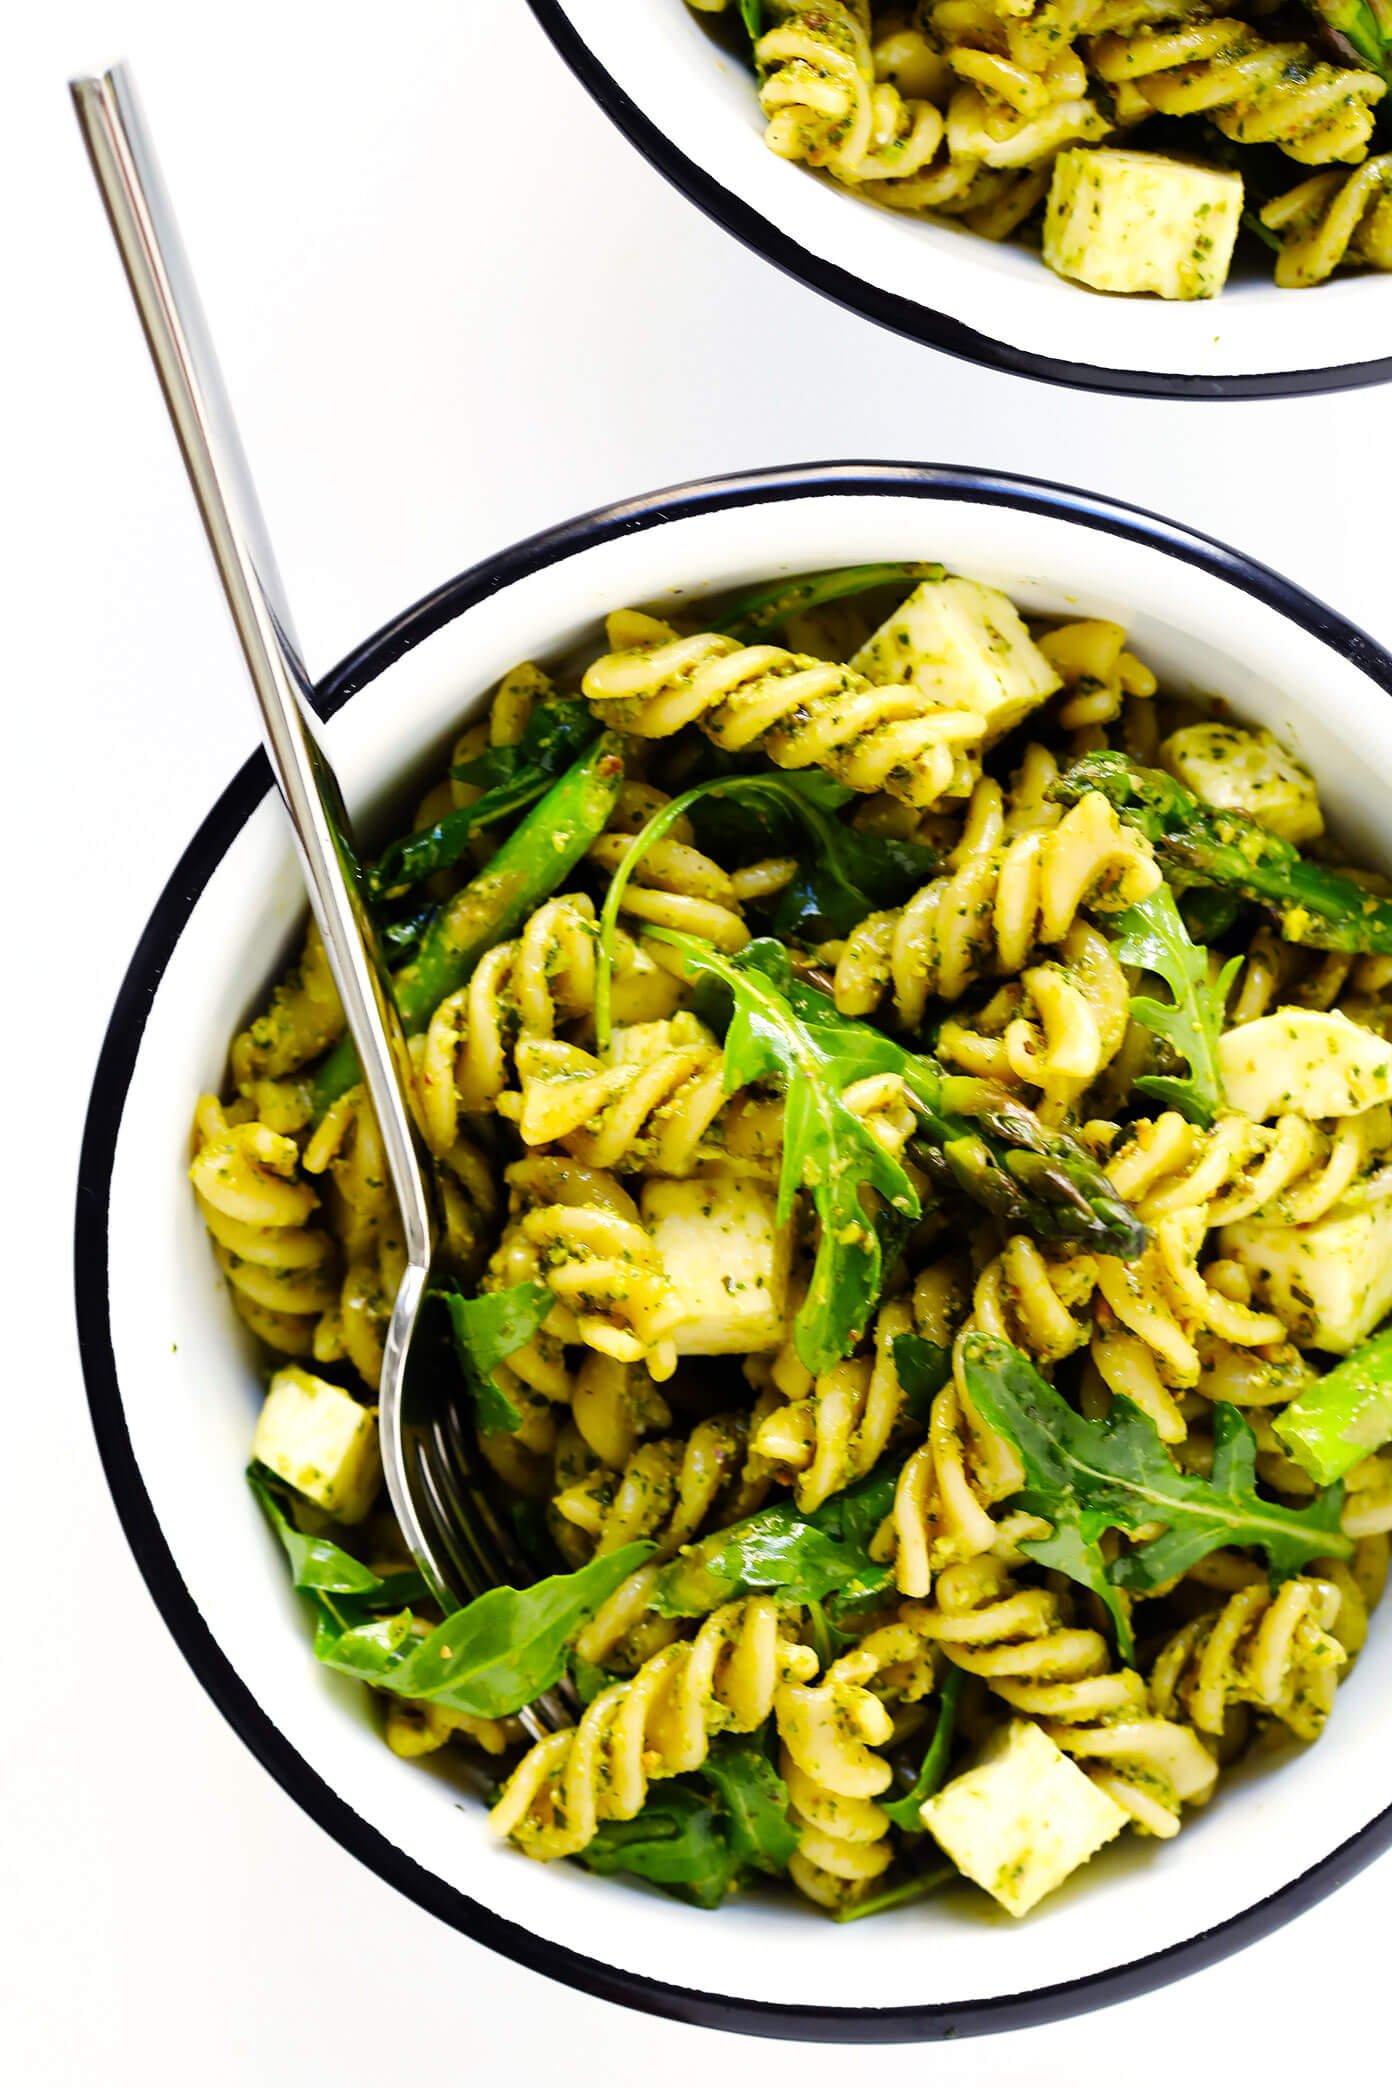 The Best Pistachio Pesto Pasta Salad Recipe!